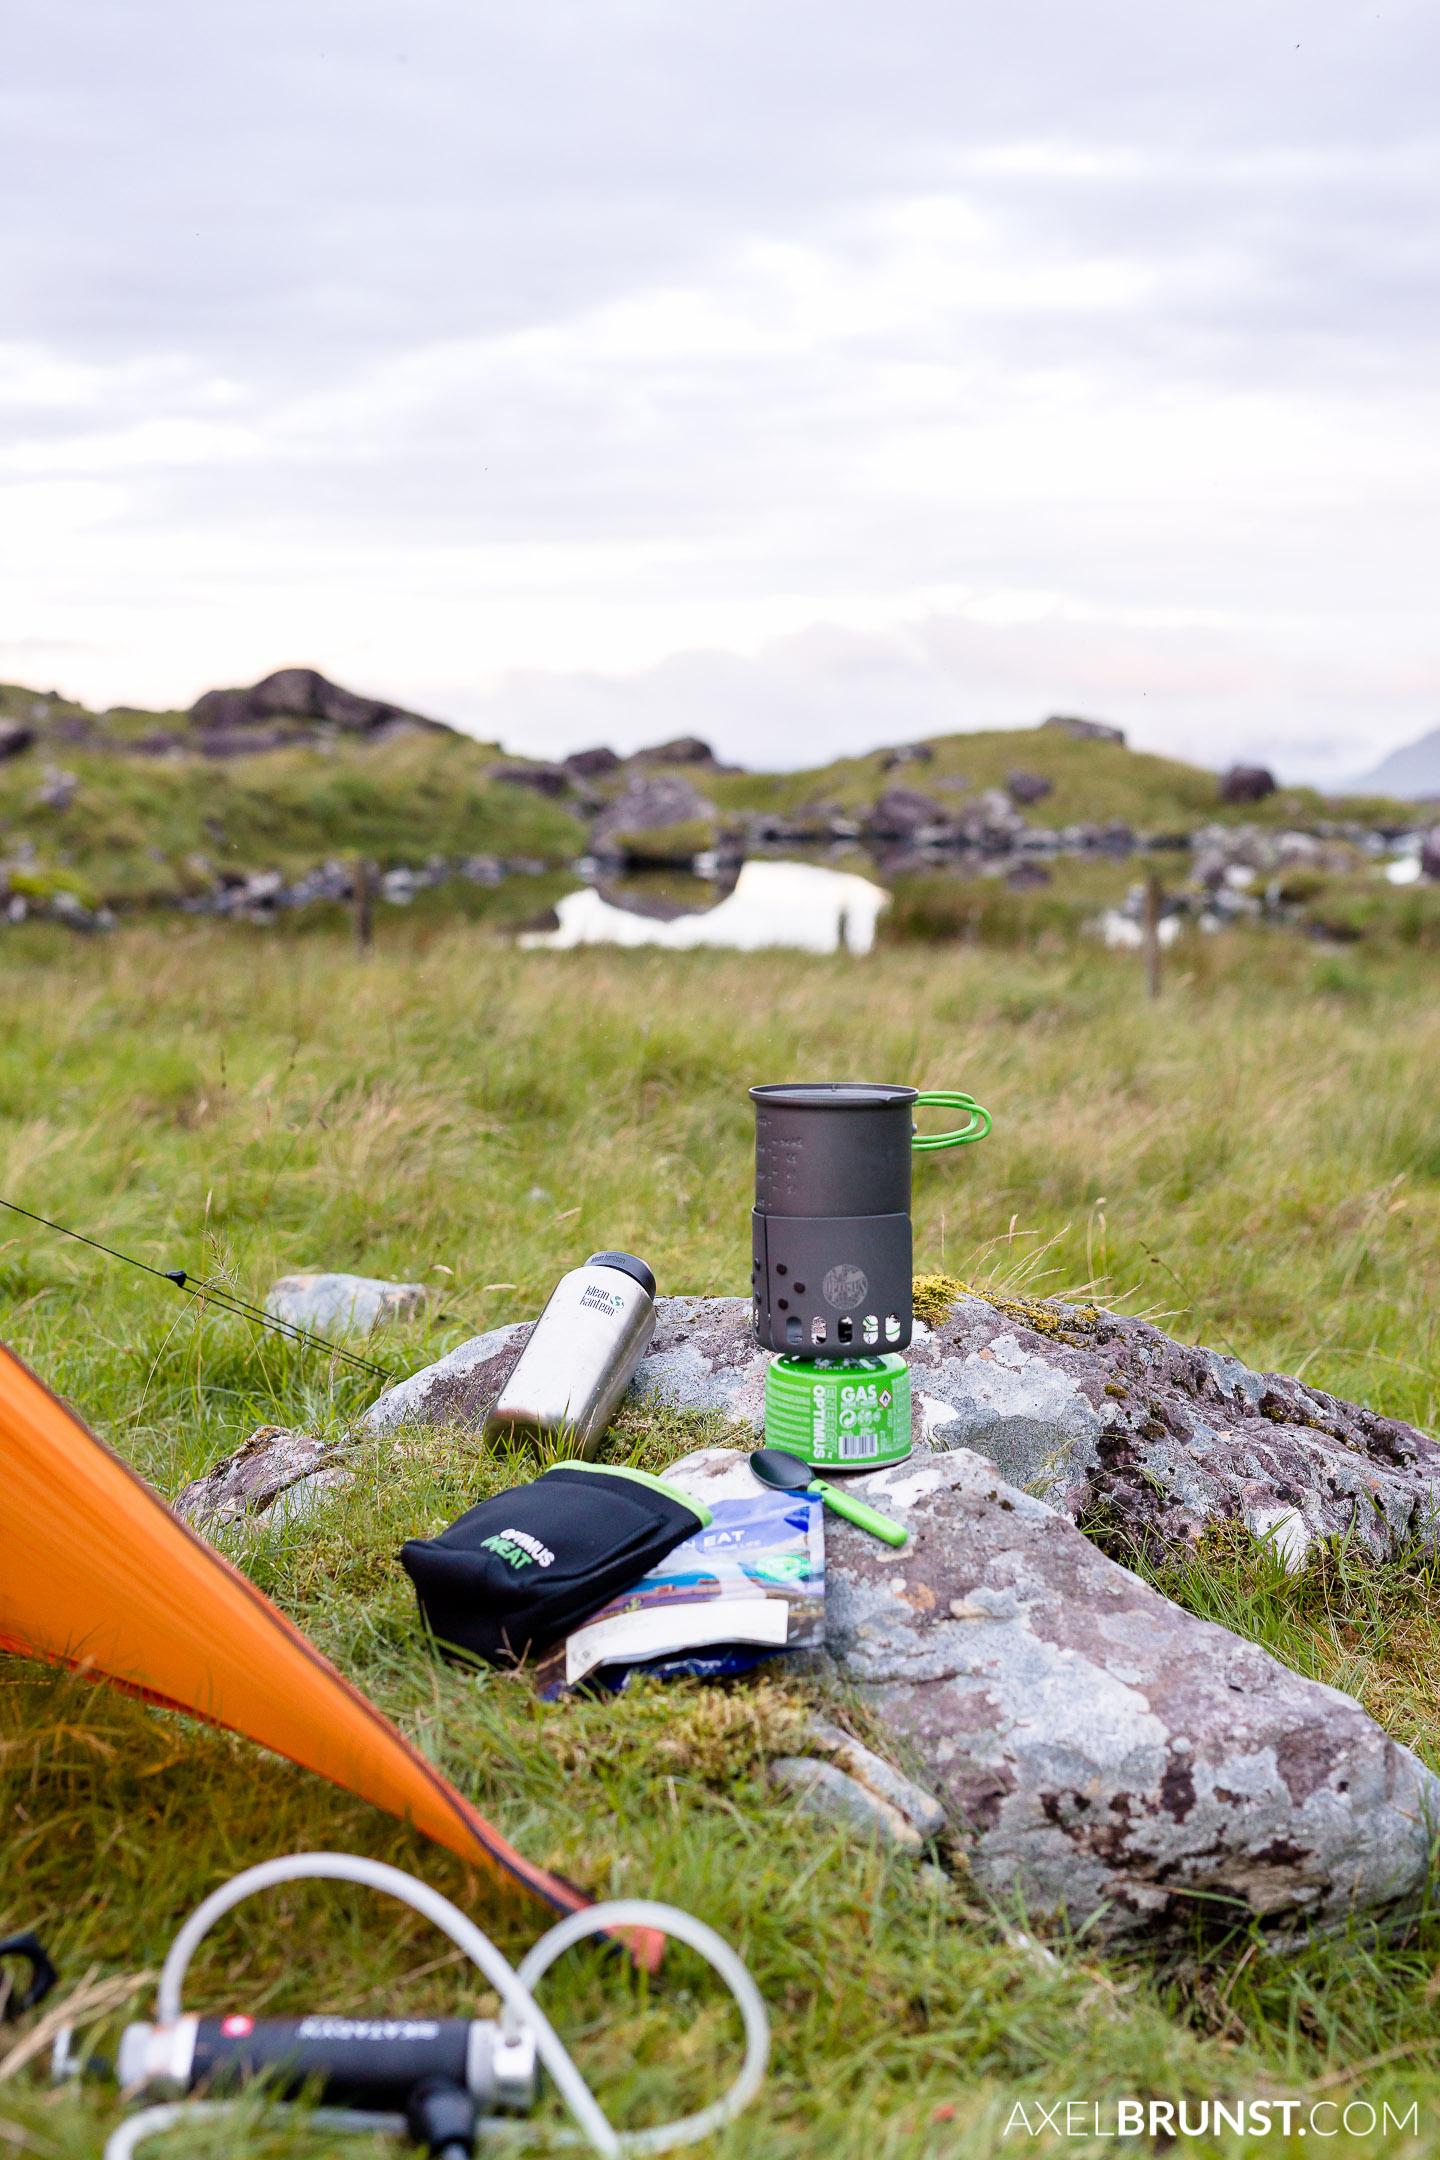 Mount-Brandon-Mountain-Ireland-9.jpg